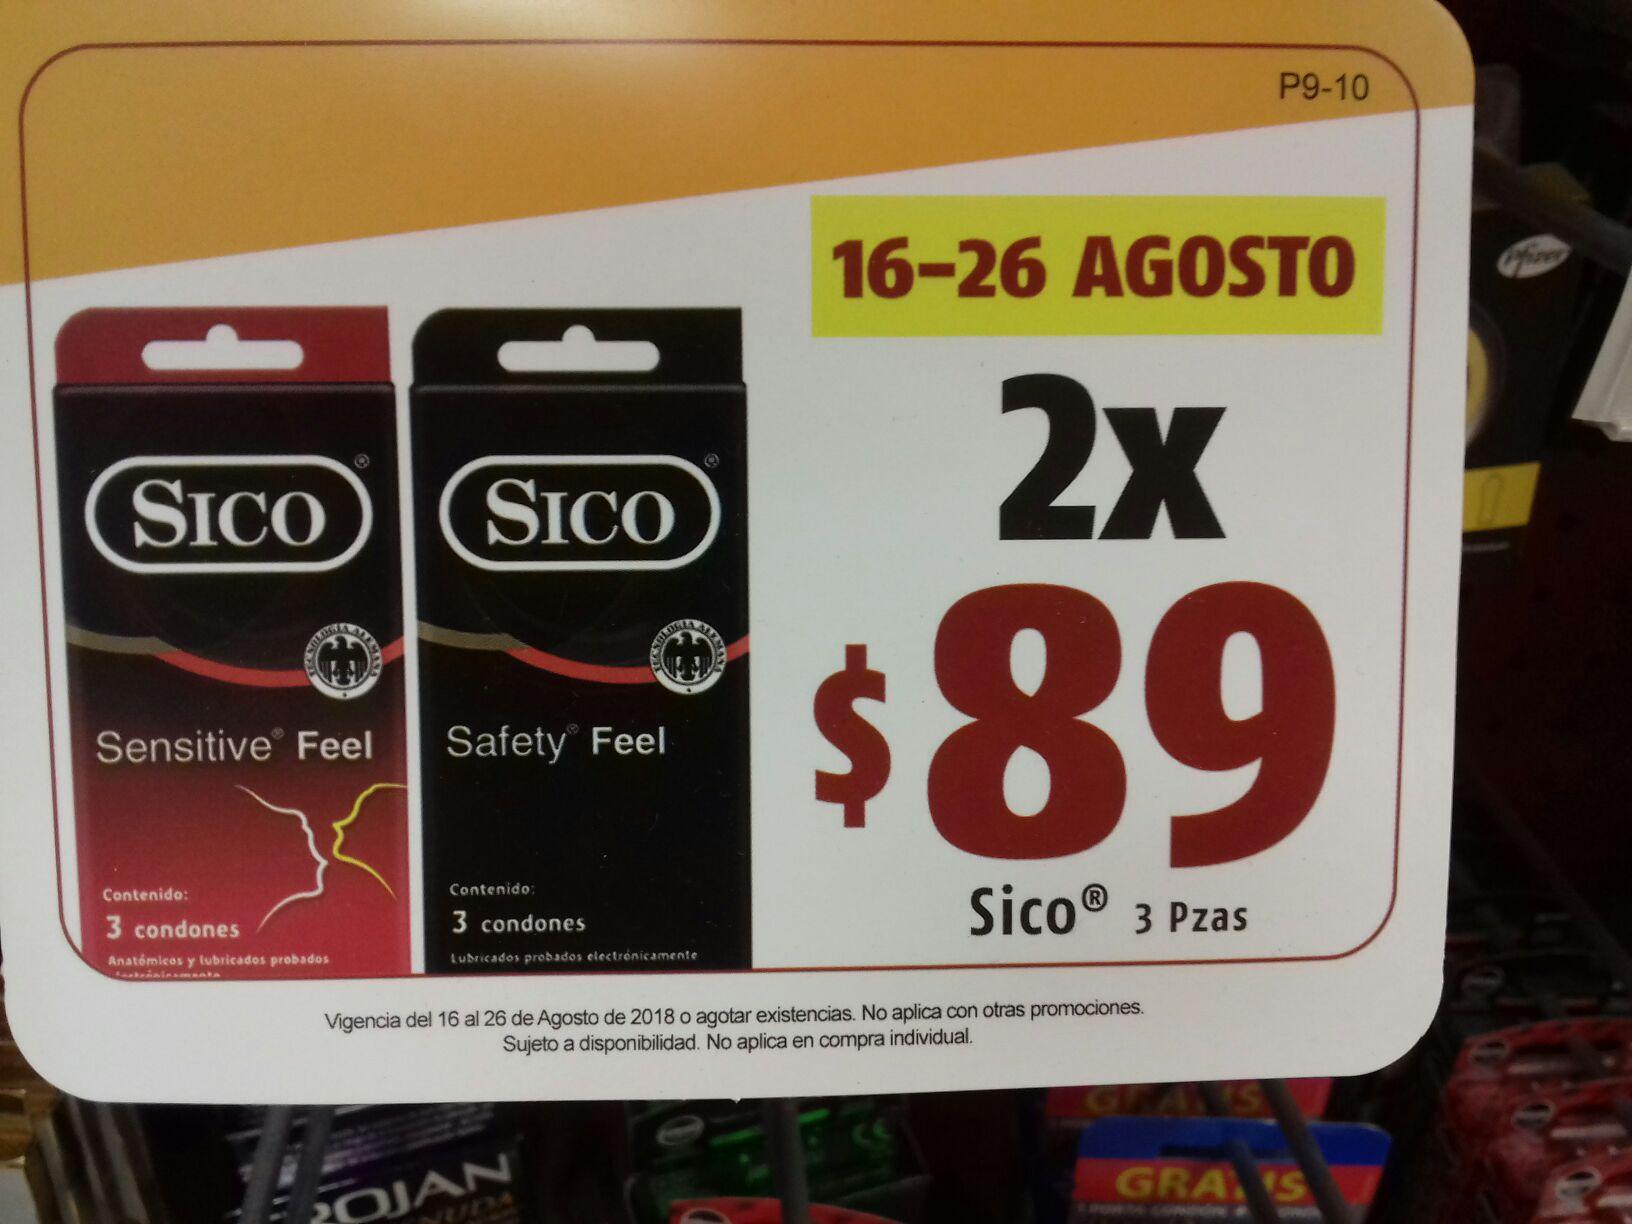 Oxxo  condones sico 3pz. 16-26 agosto